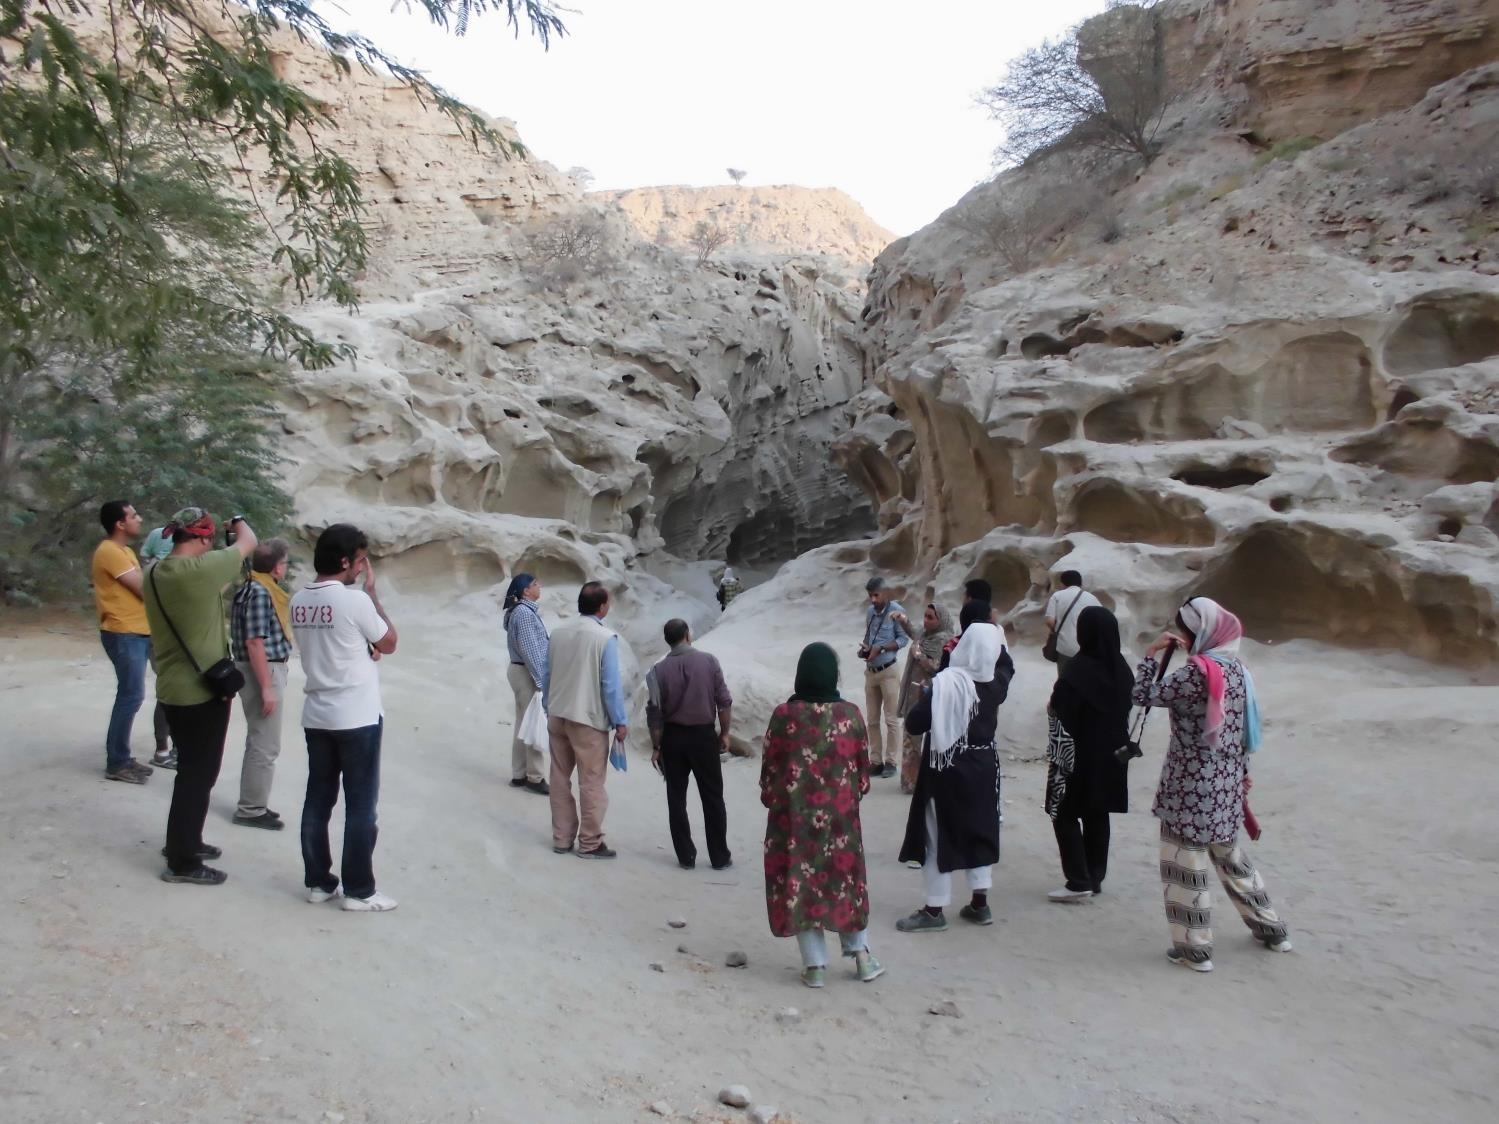 ゲシュム島でのエコツーリズム観光客を誘致するため、イランの旅行会社を対象としたFamilializationトリップを実施し、ゲシュムの魅力を伝えることで、島内のツアー企画を支援しています。